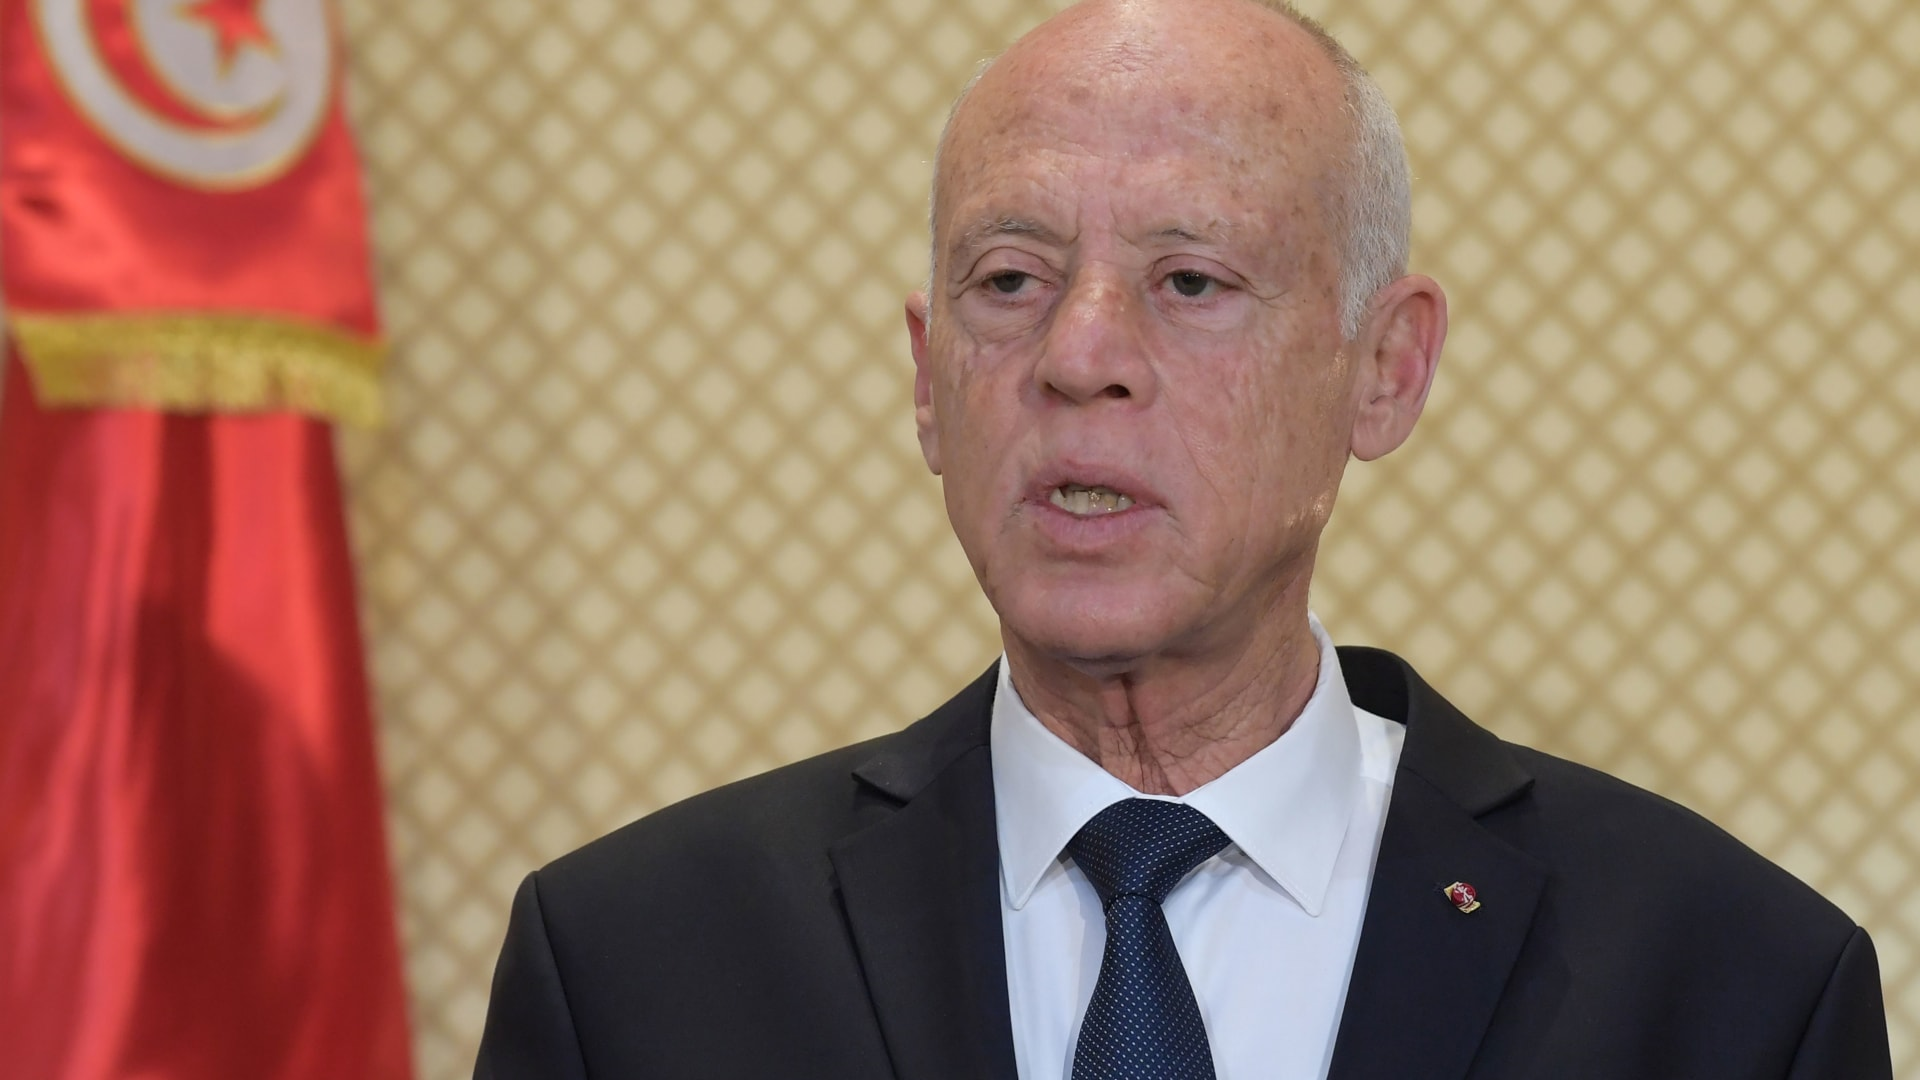 الرئيس التونسي يلوح بحل البرلمان إذا انتهت مهلة تشكيل أول حكومة في عهده